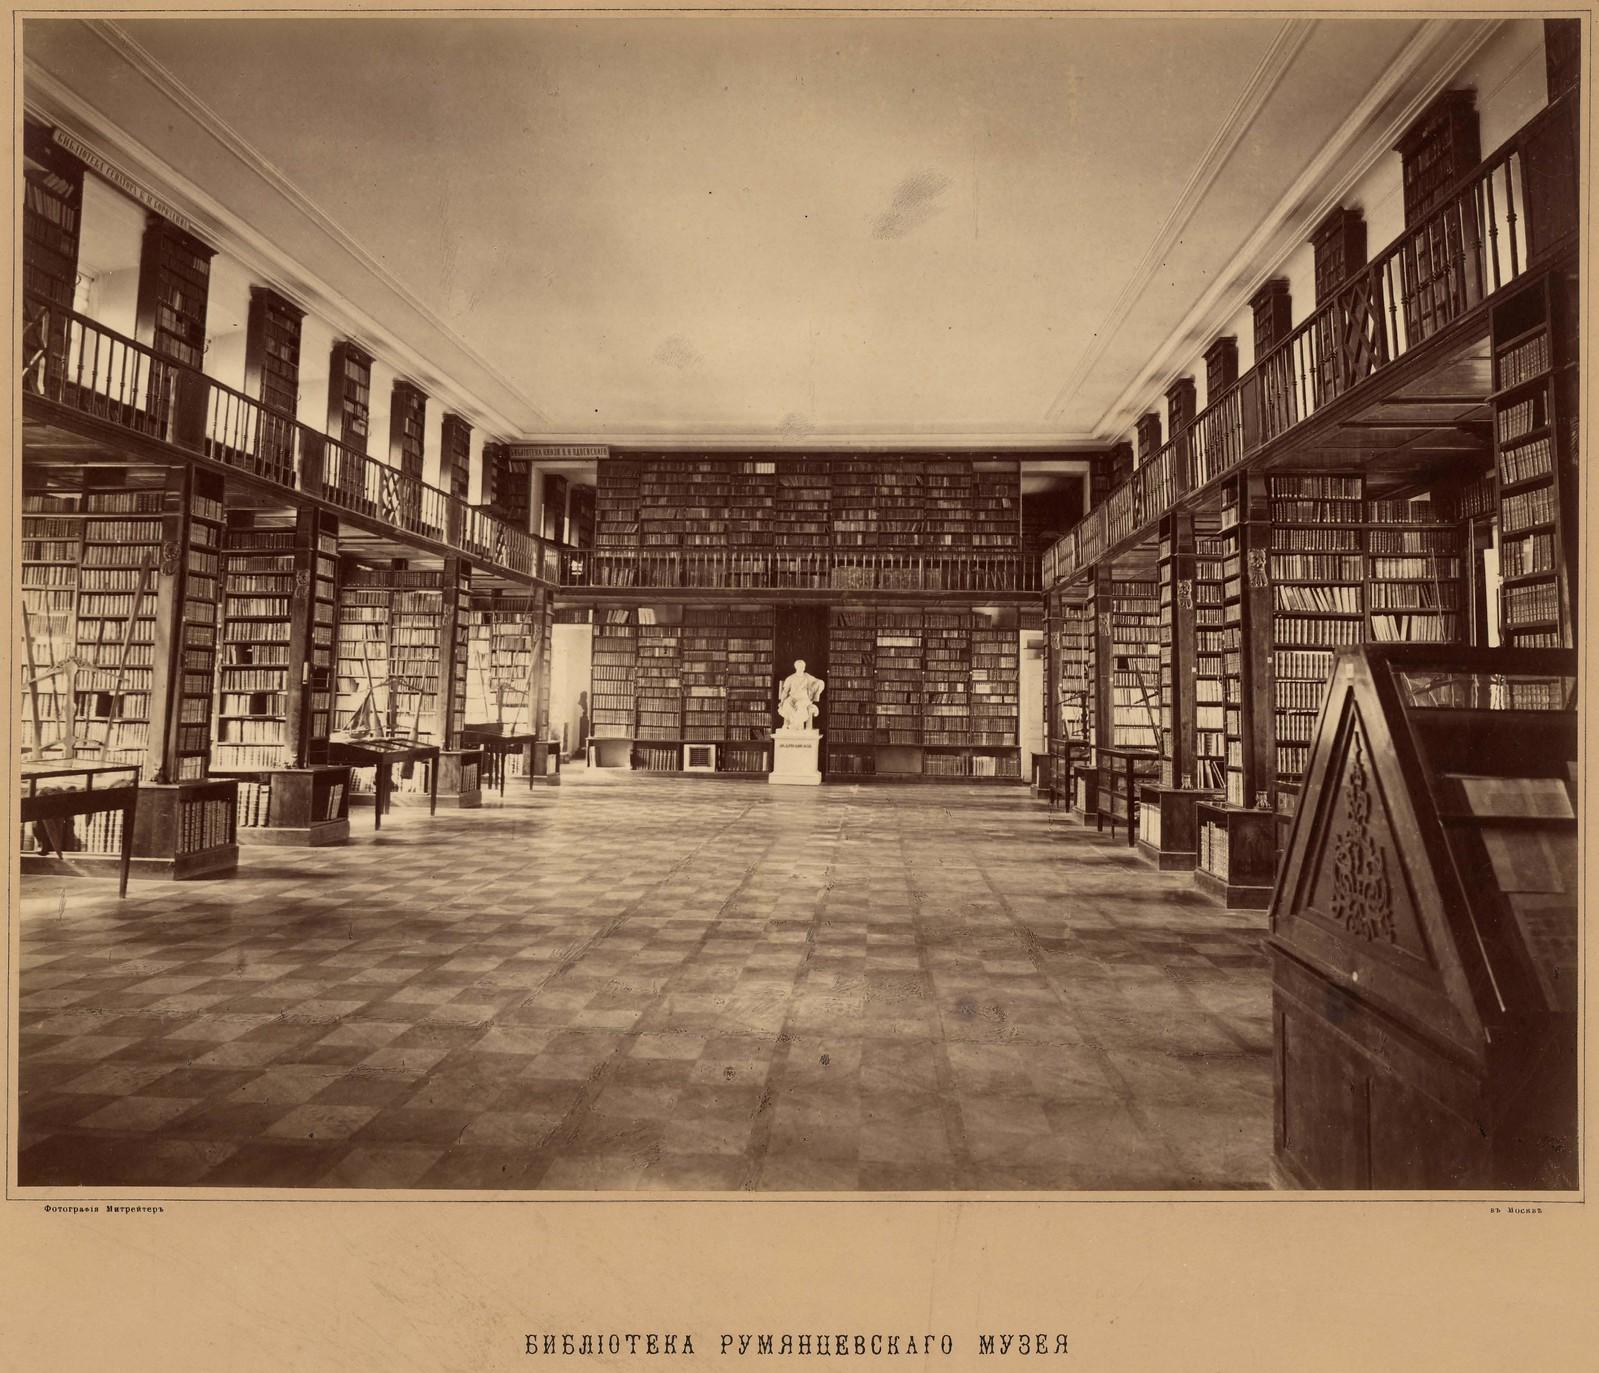 05. Библиотека Румянцевского музея